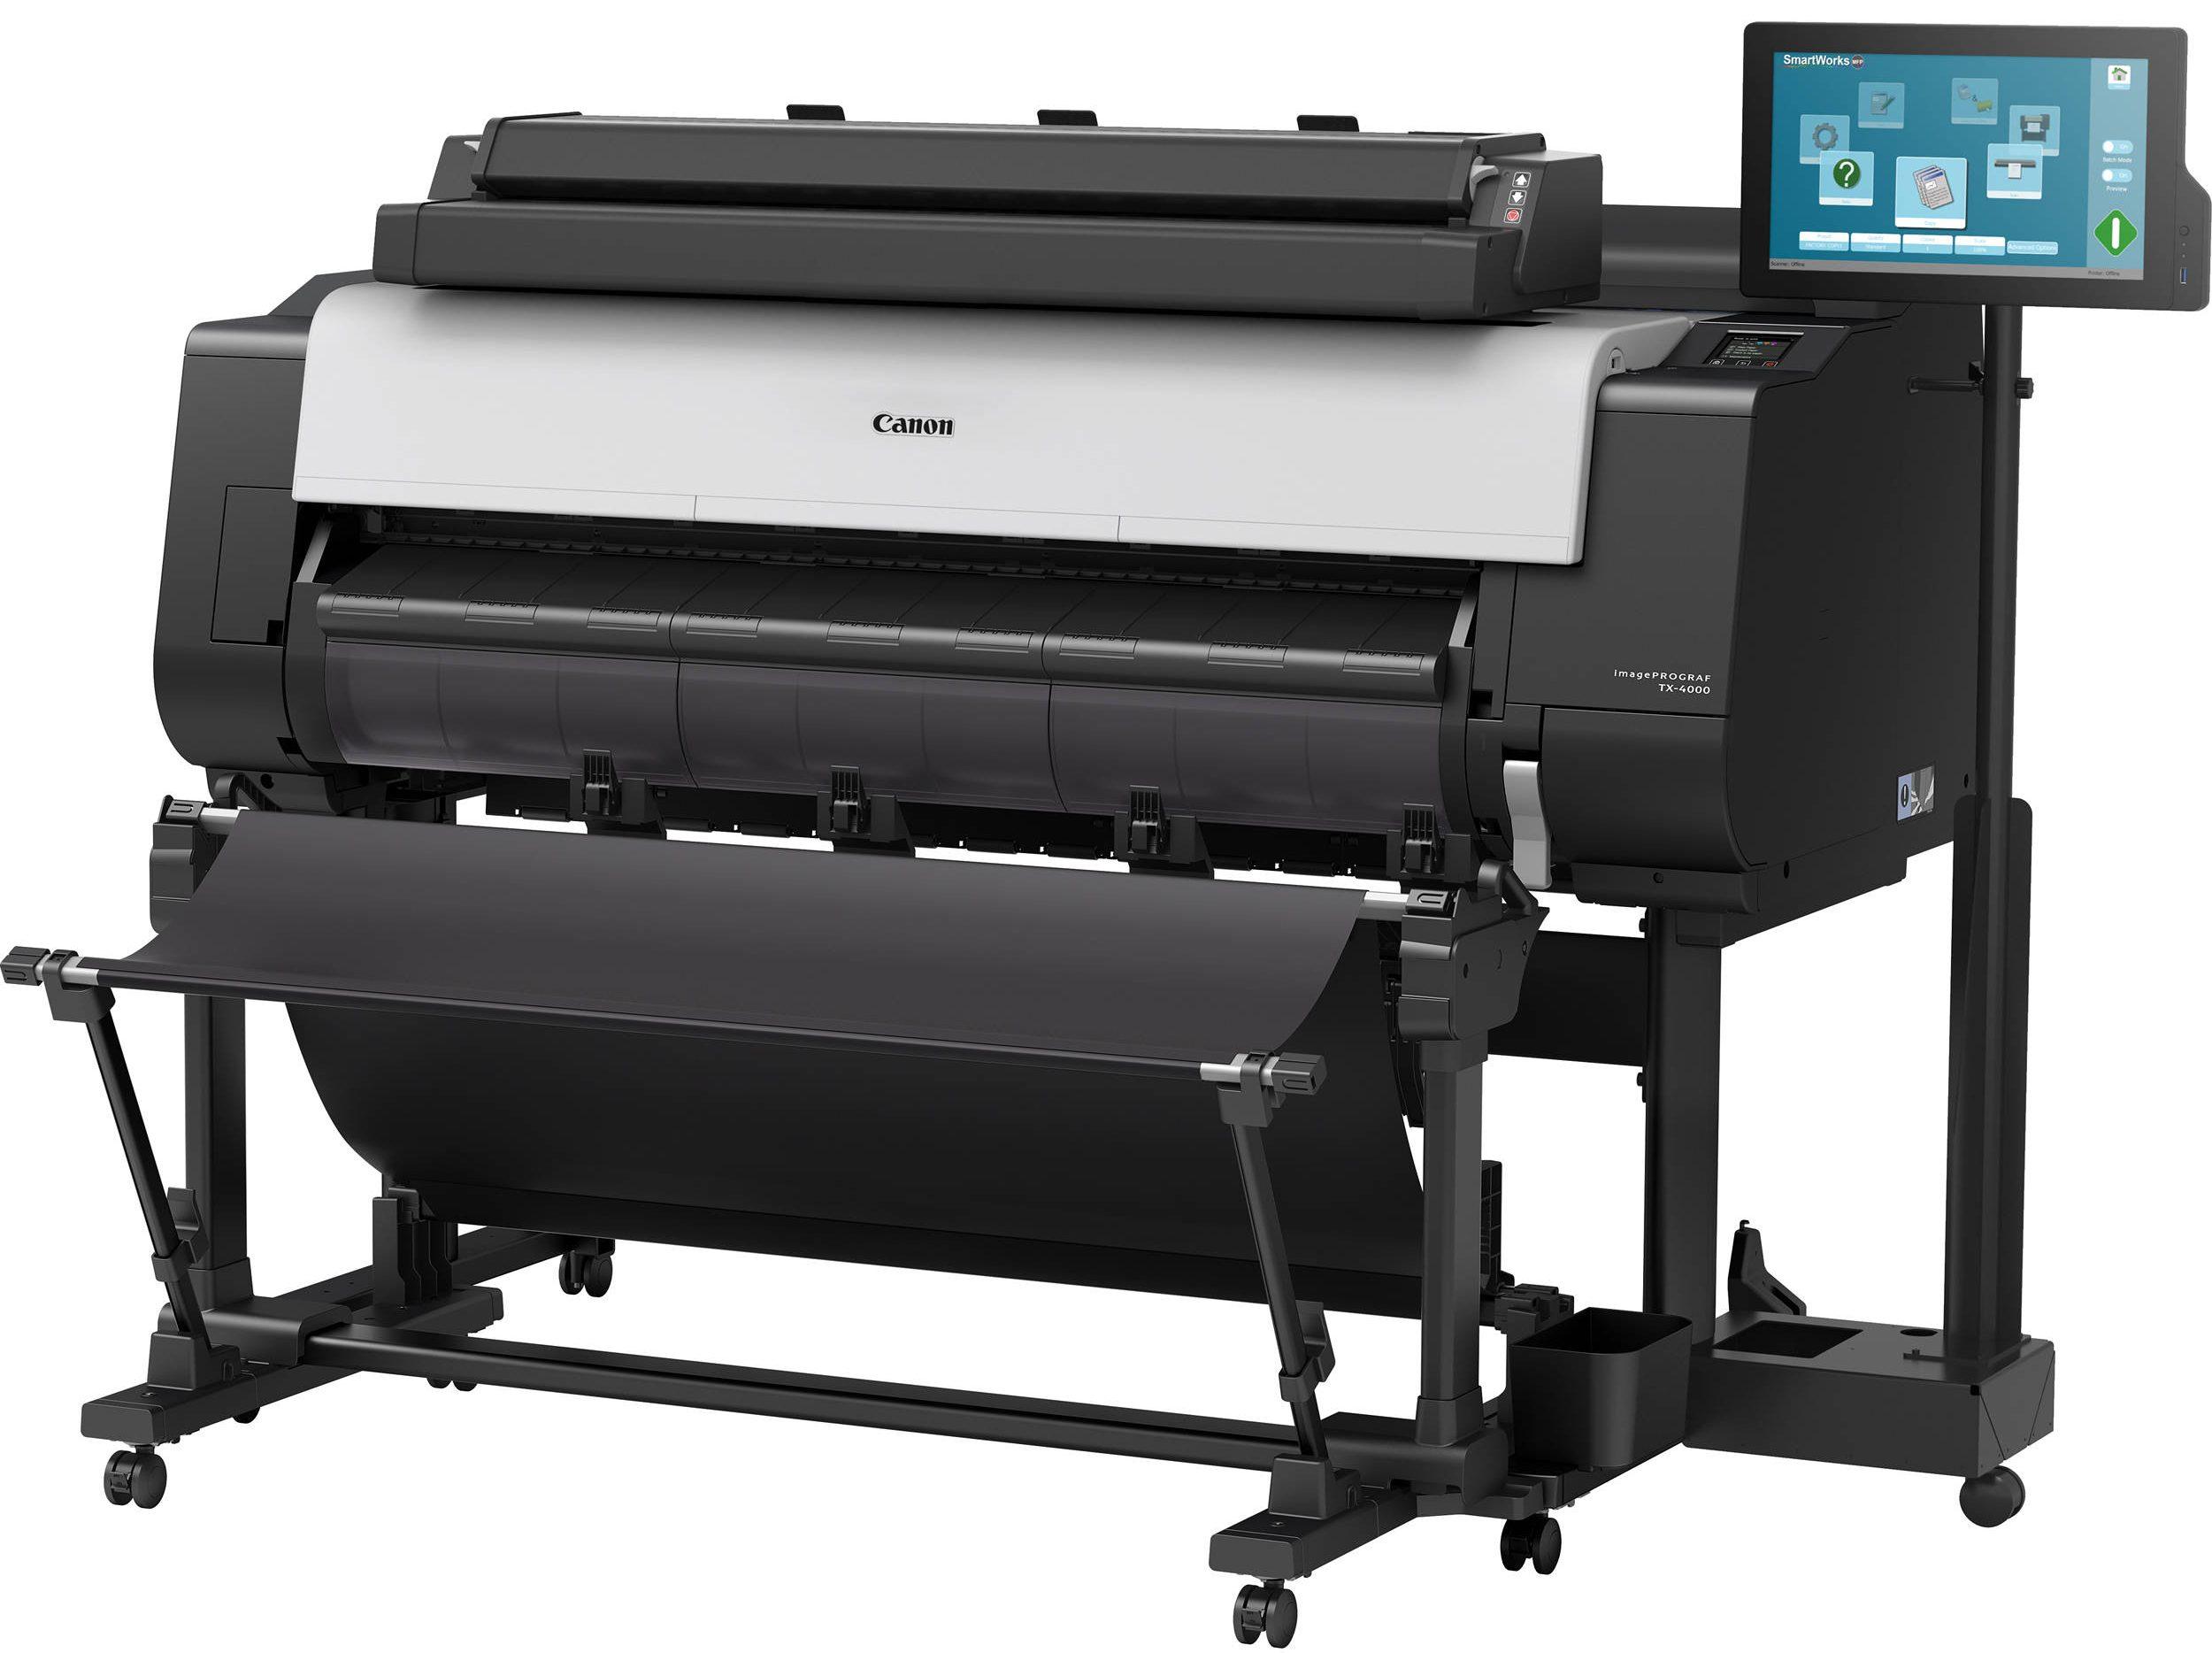 Canon tervrajznyomtató gép - tervrajz nyomtatás - másolás - szkennelés